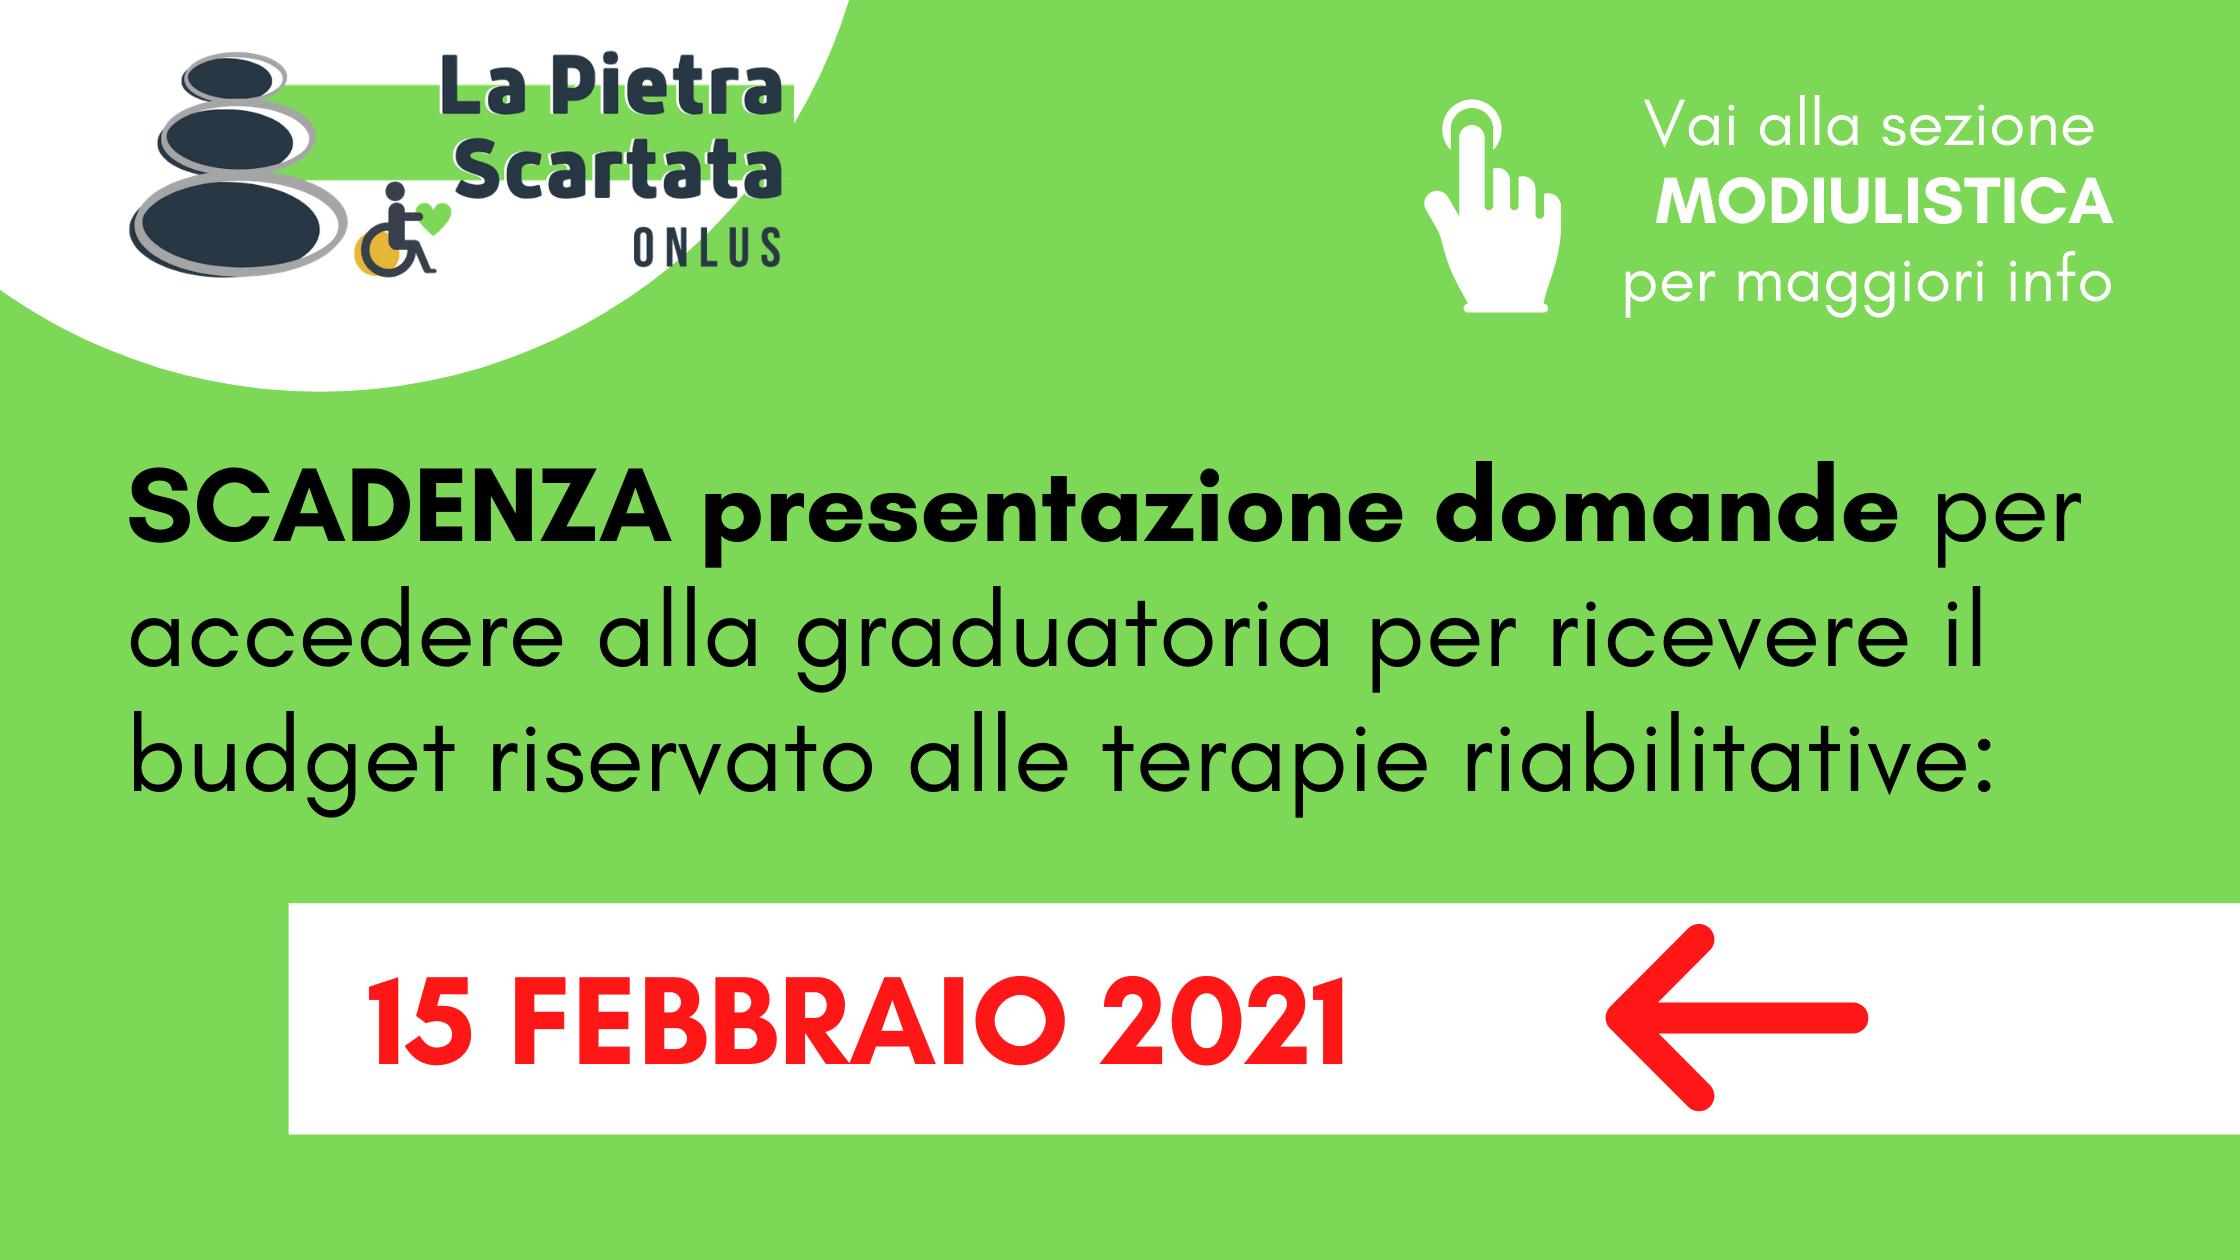 scadenza presentazione domande 2021